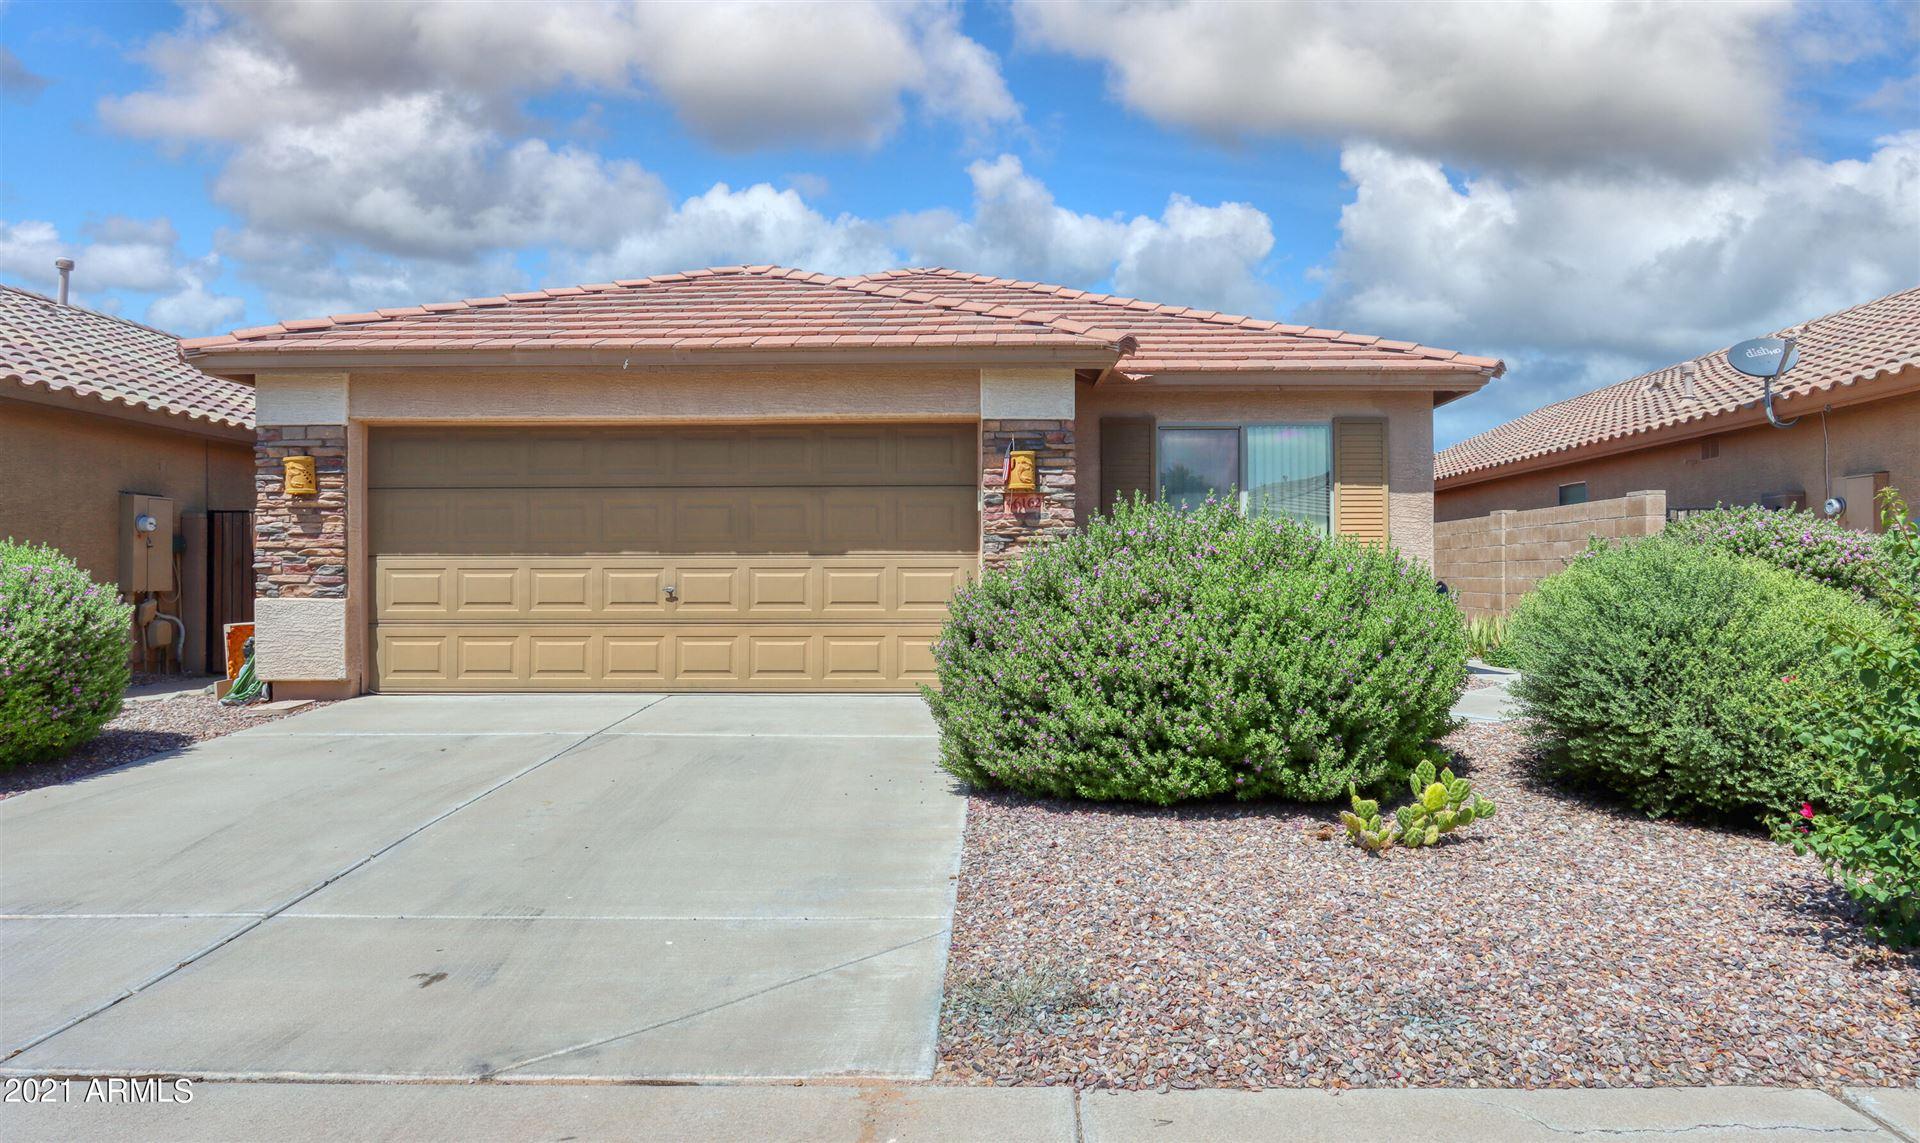 Photo of 46162 W TUCKER Road, Maricopa, AZ 85139 (MLS # 6295600)